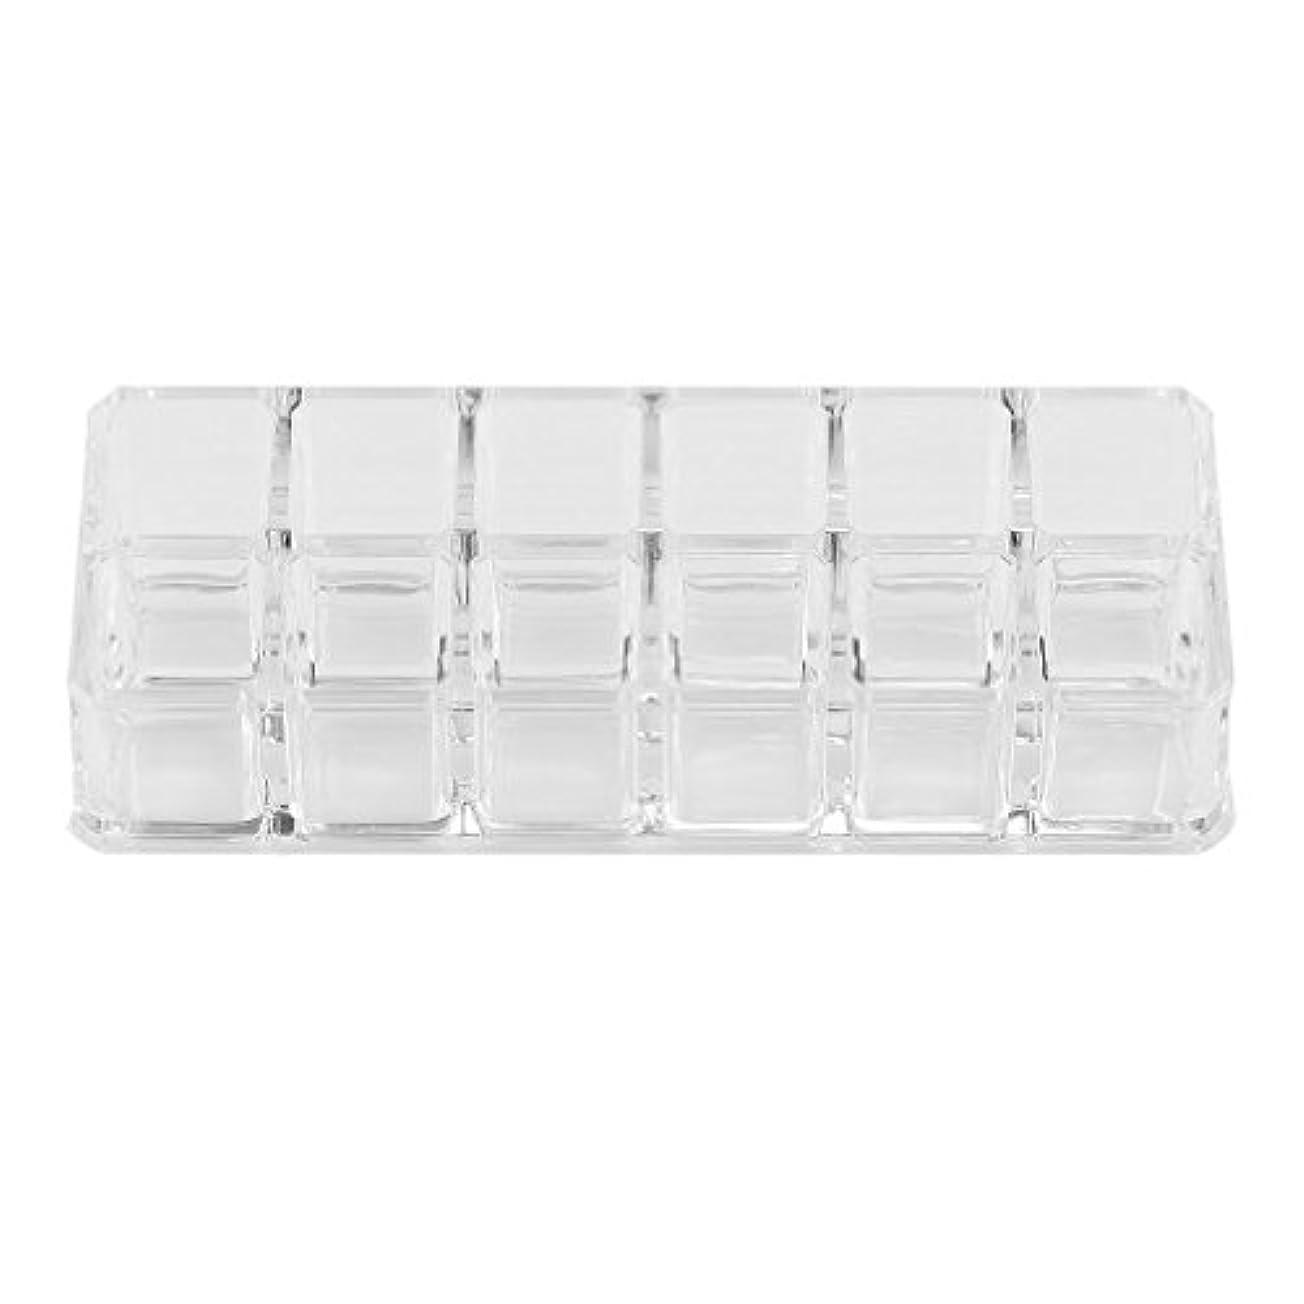 中級浅い基本的なケースメイク化粧品の口紅の主催ホルダー省スペース型スタンド1PCS 12台形透明アクリルメイクアップ?ディスプレイ?リップスティック